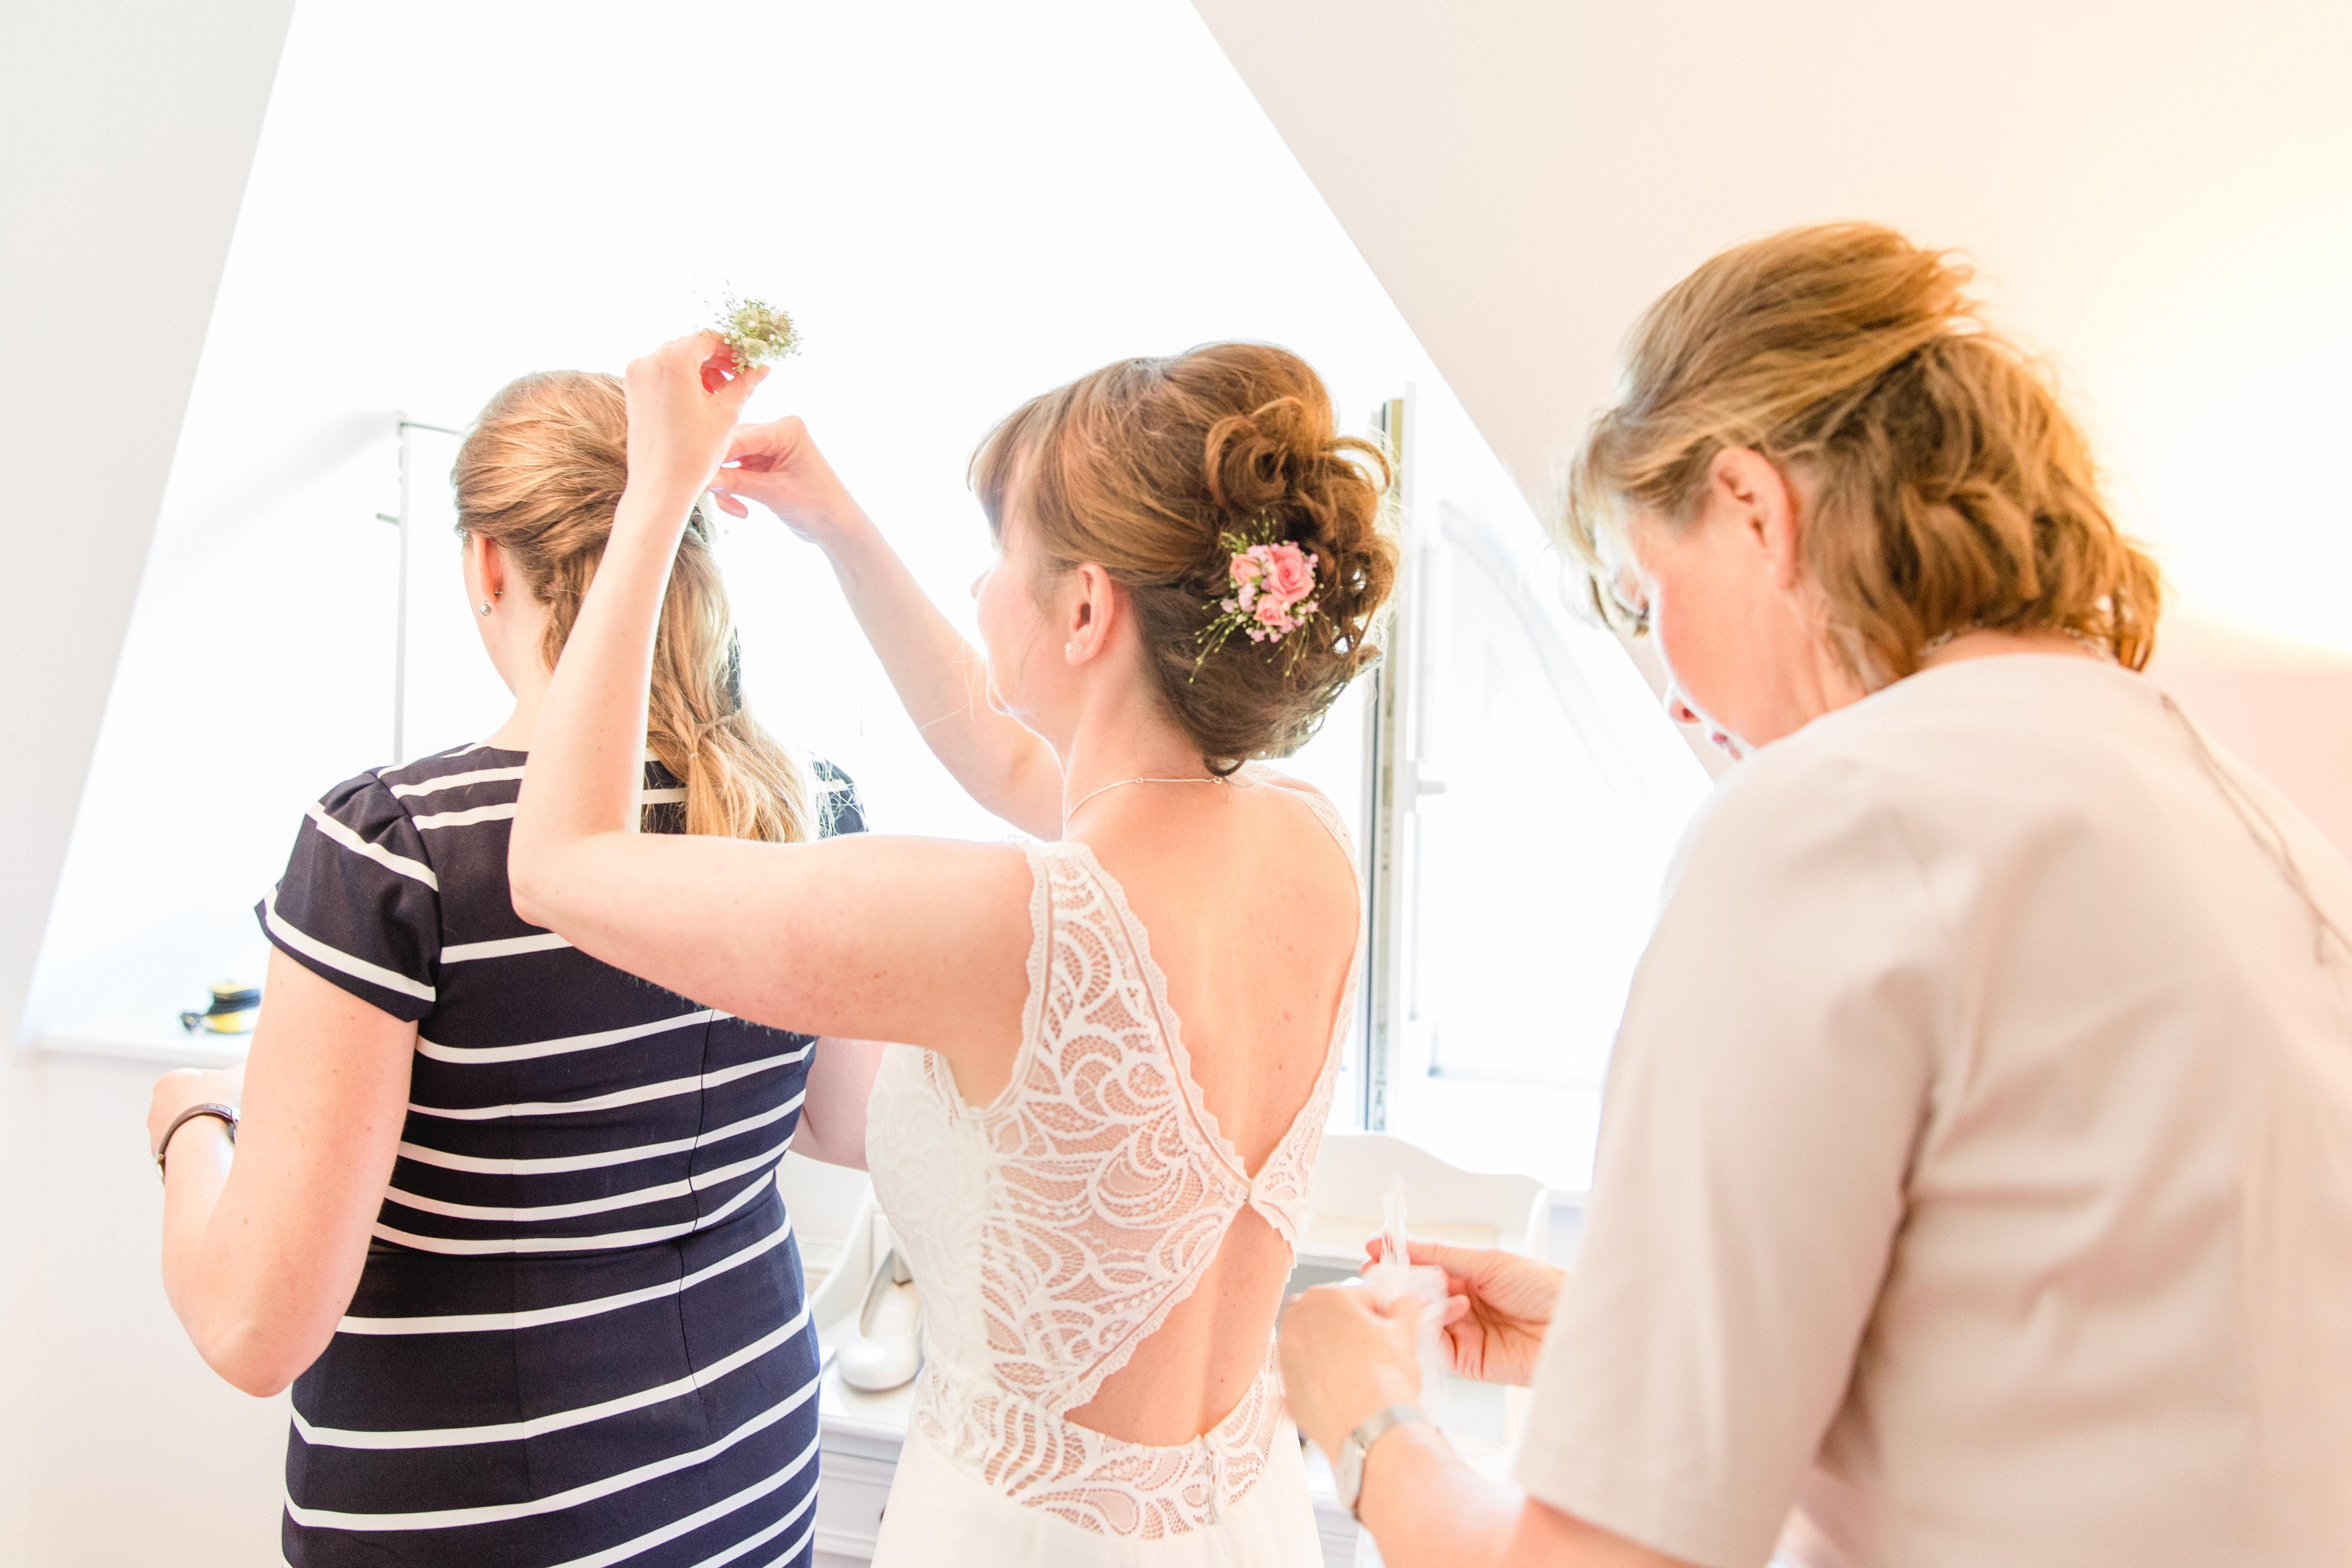 Mädels helfen sich gegenseitig beim fertigmachen für die Hochzeit.